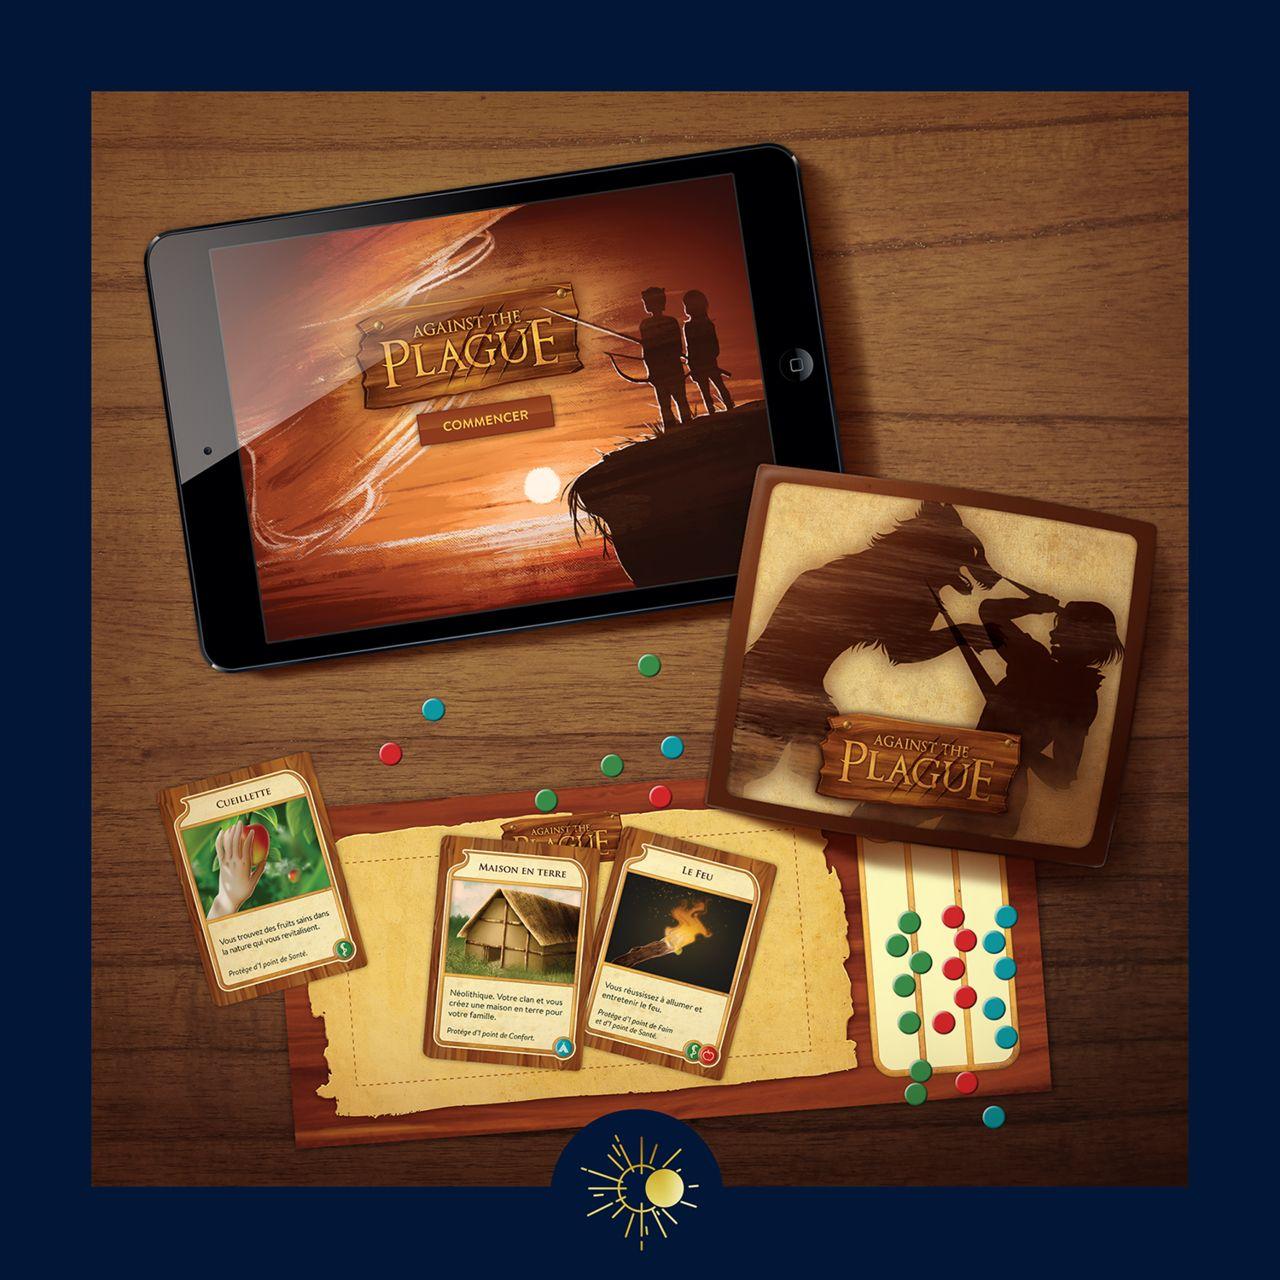 Against the Plague - Design app et jeu de société